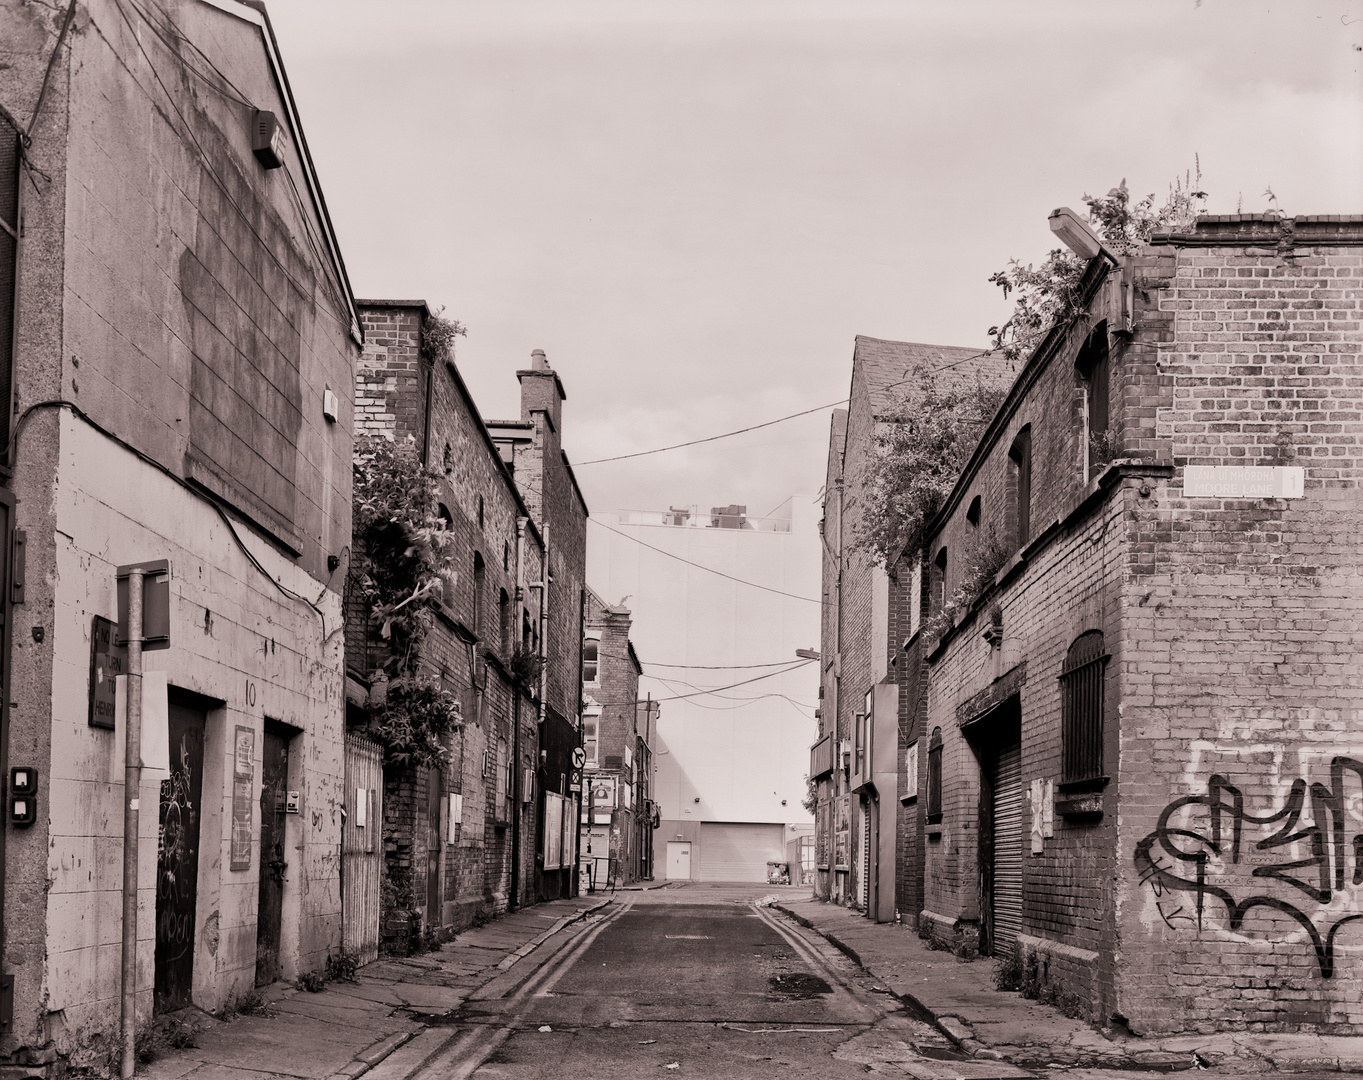 moore_street_films-2.jpg